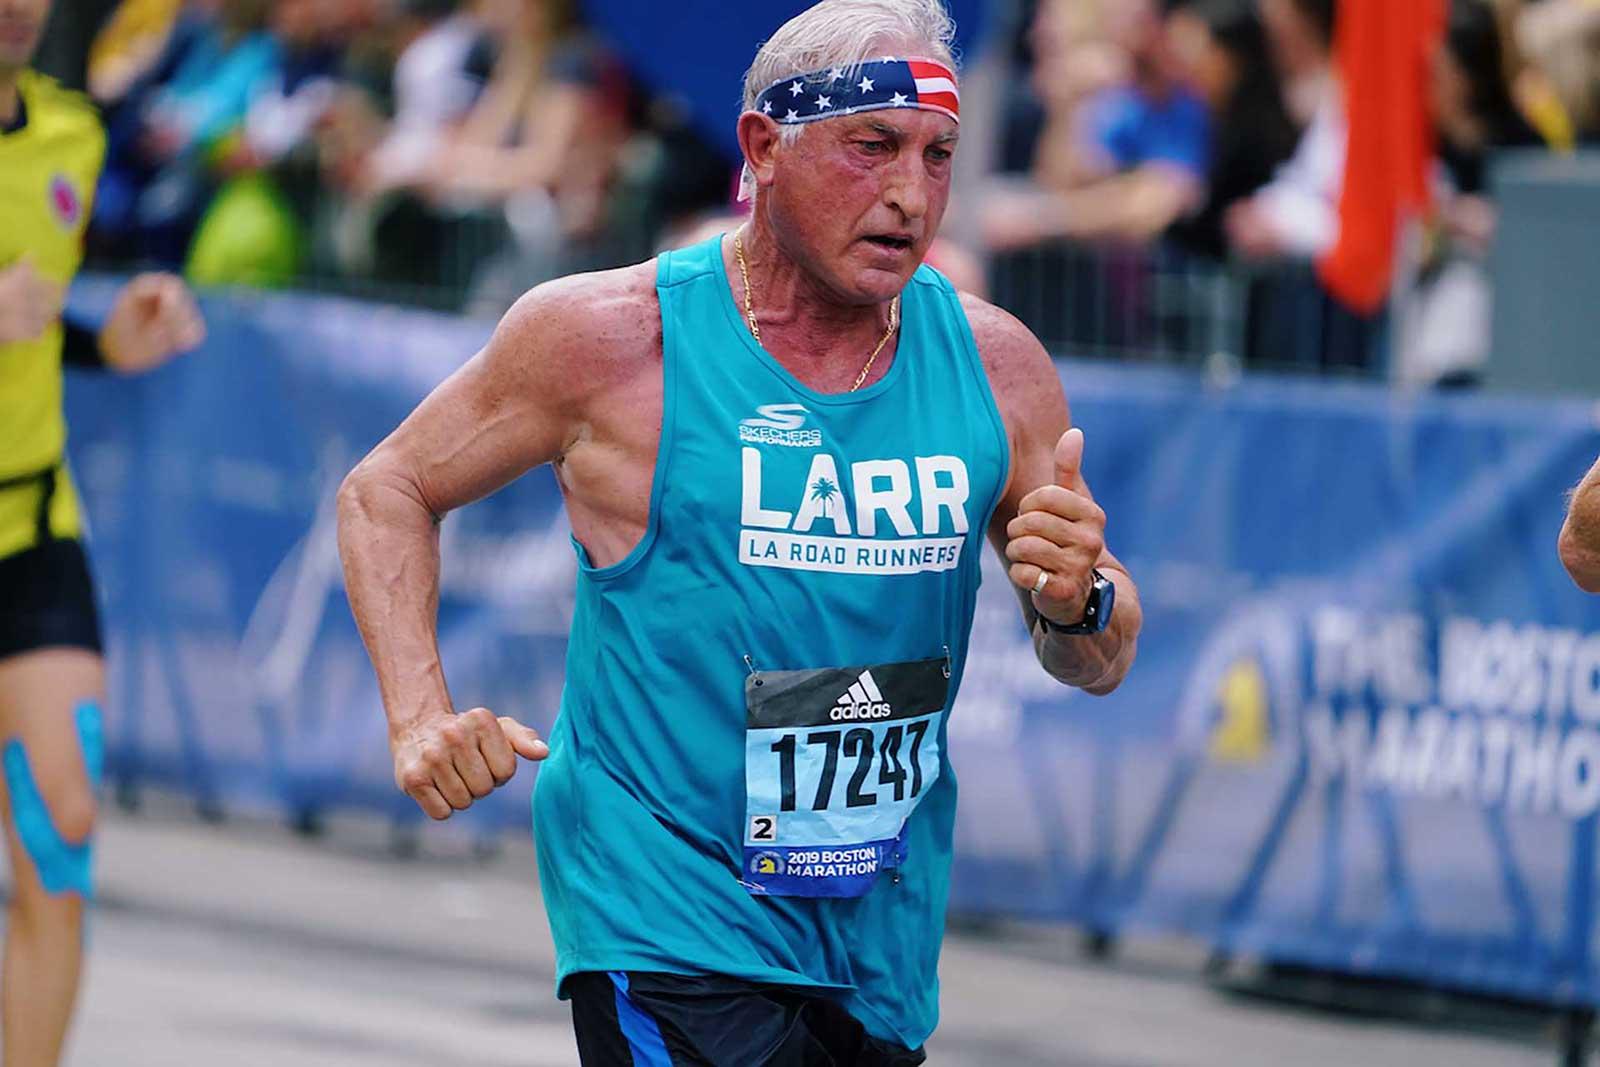 Rankings runner older age group